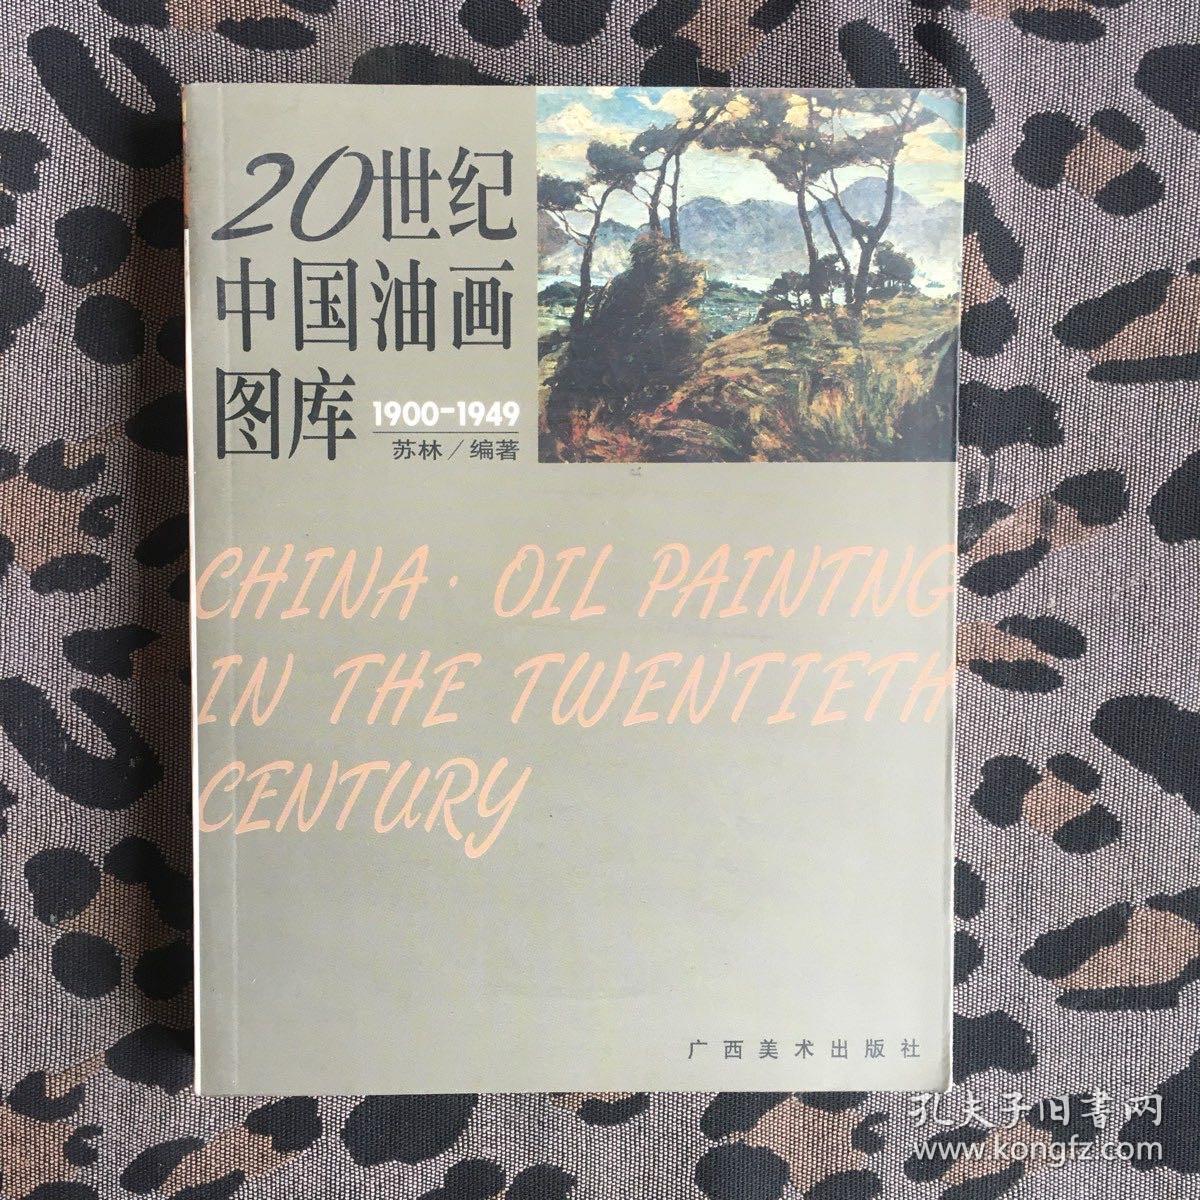 20世纪中国油画图库1(1900-1949)